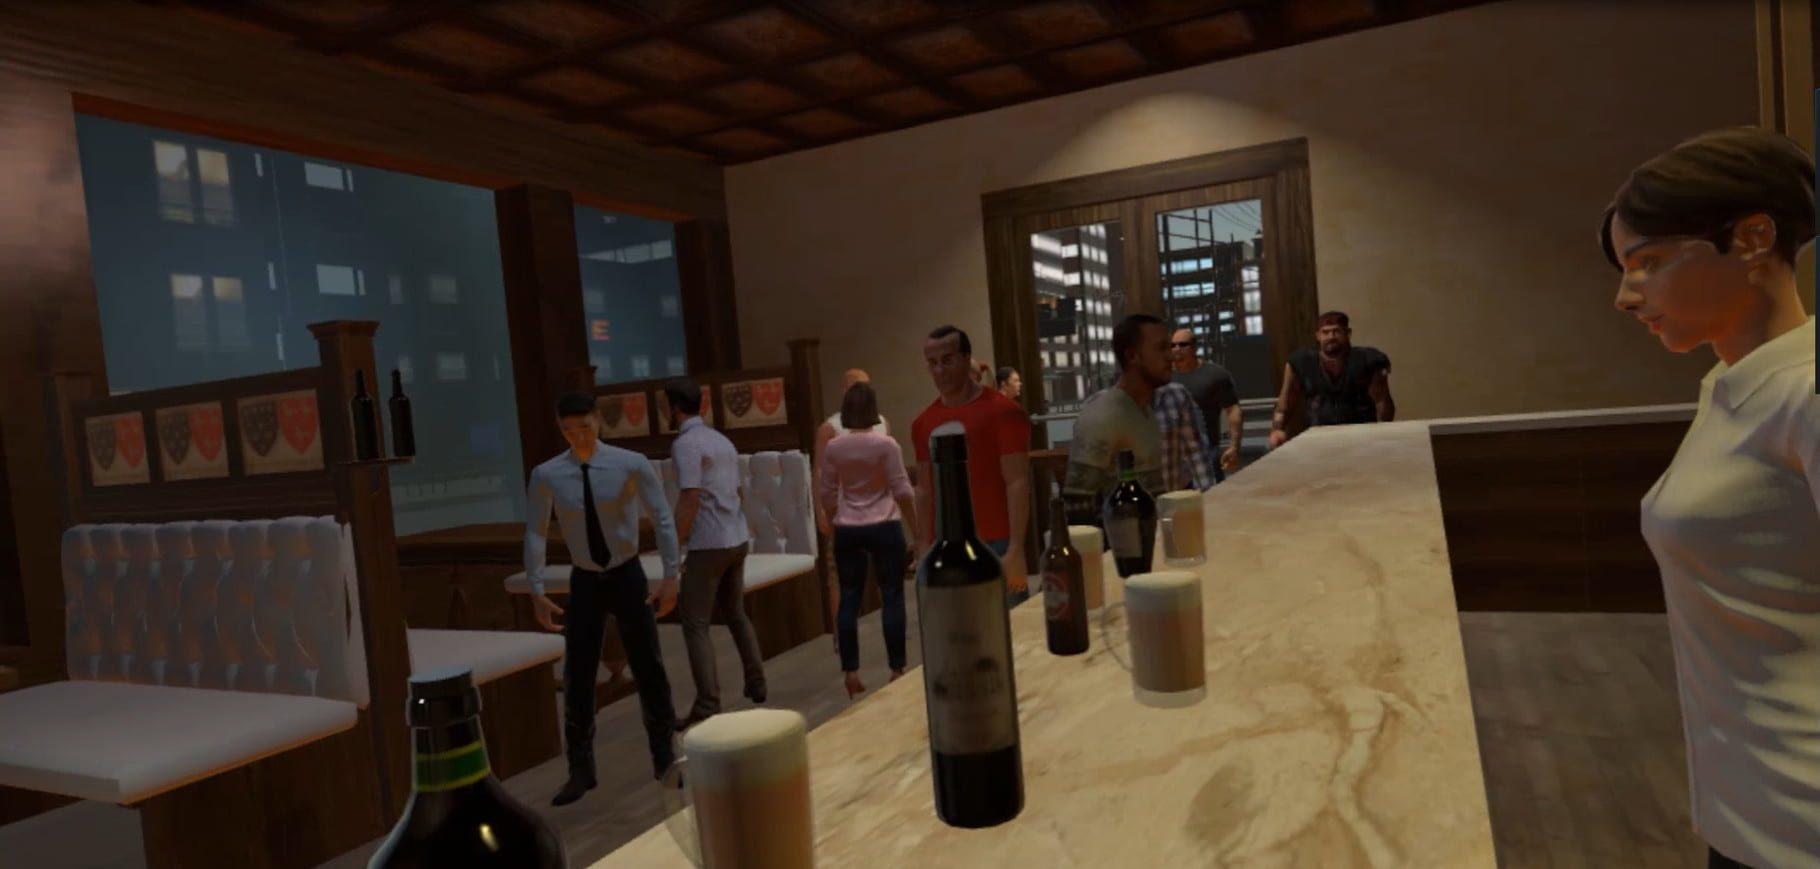 Drunkn Bar Fight [VR] Steam Key GLOBAL